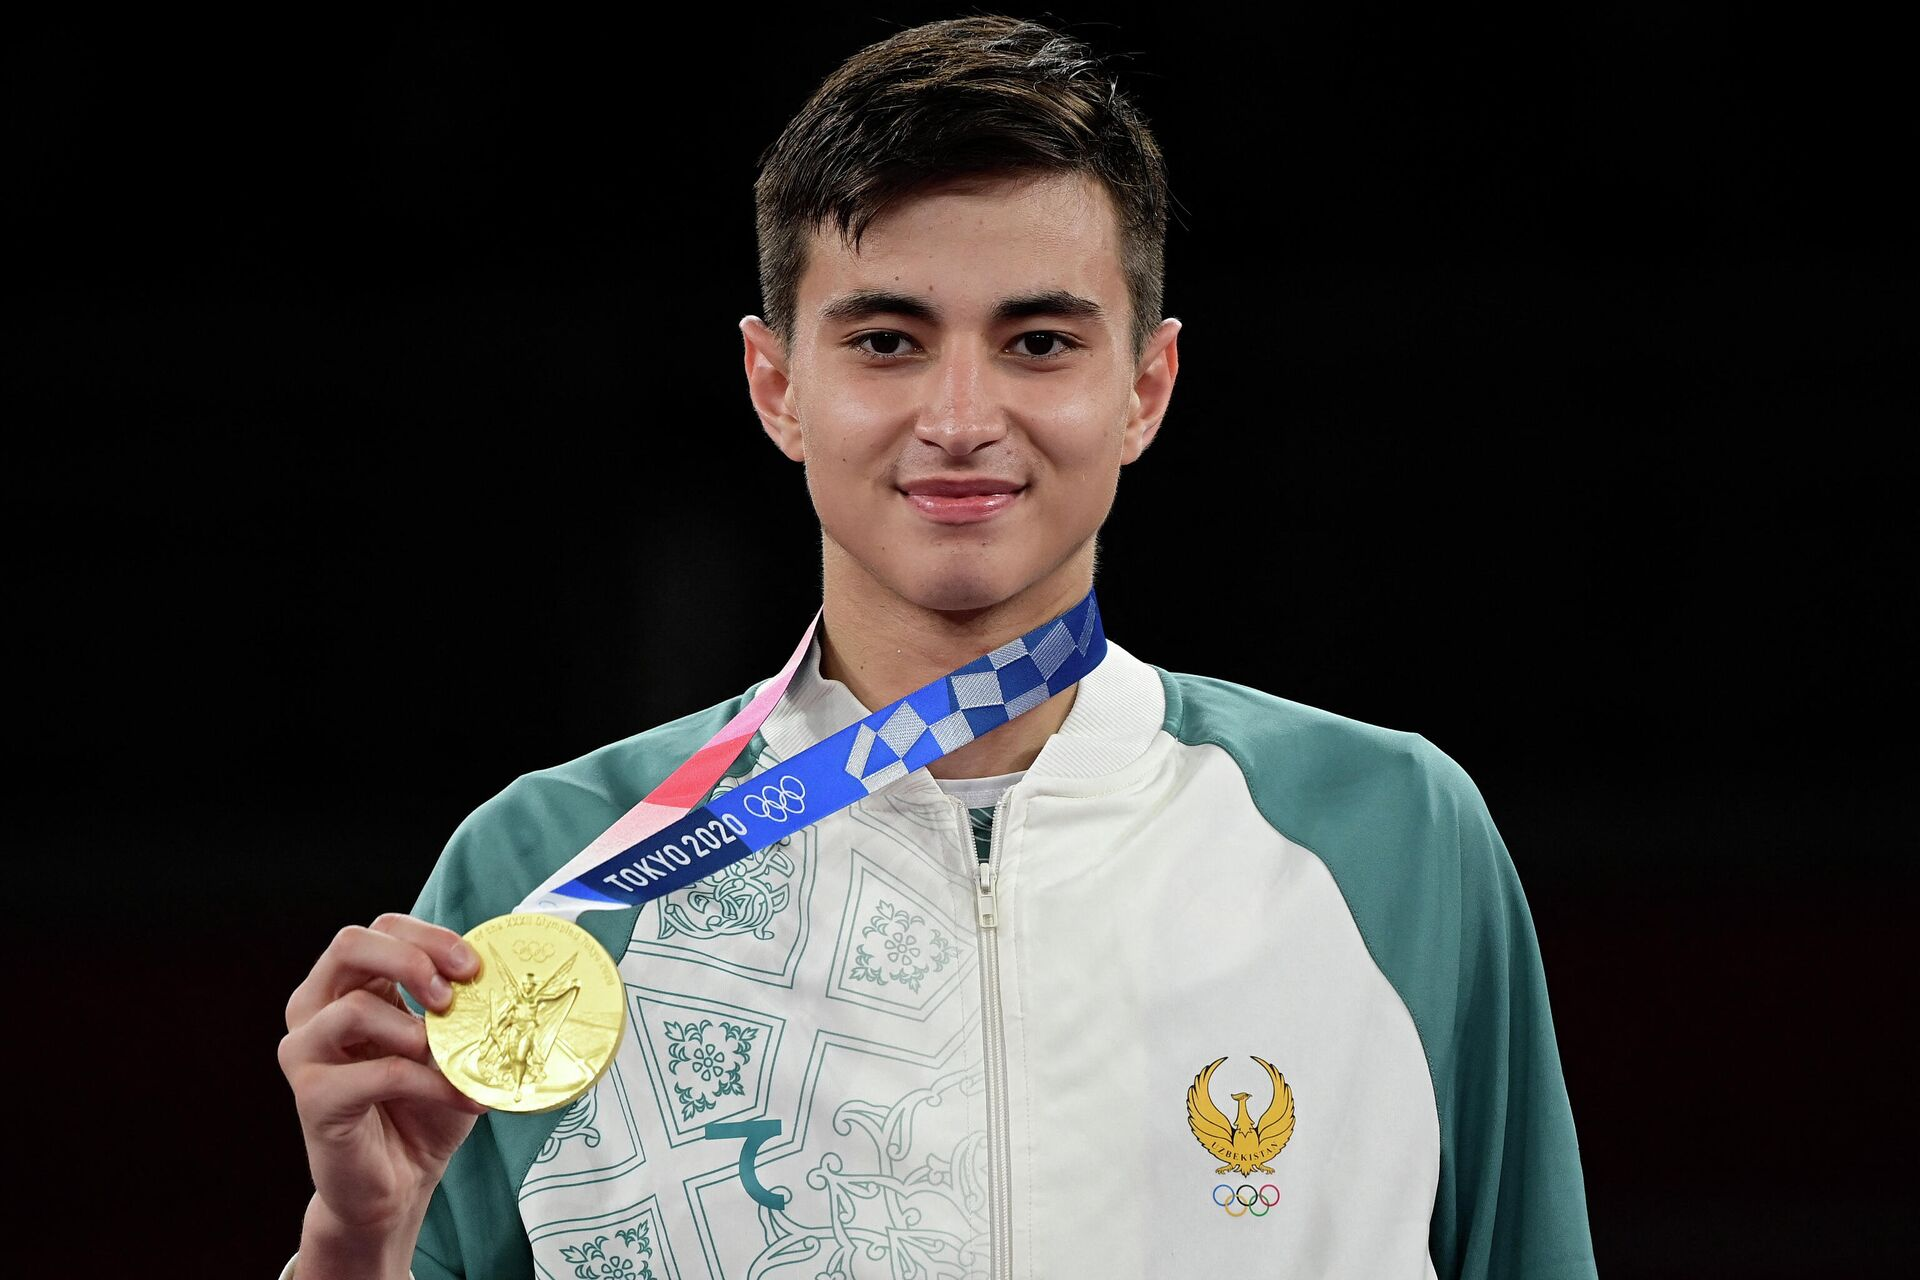 Улугбек Рашитов демонстрирует золотую медаль - Sputnik Узбекистан, 1920, 26.07.2021